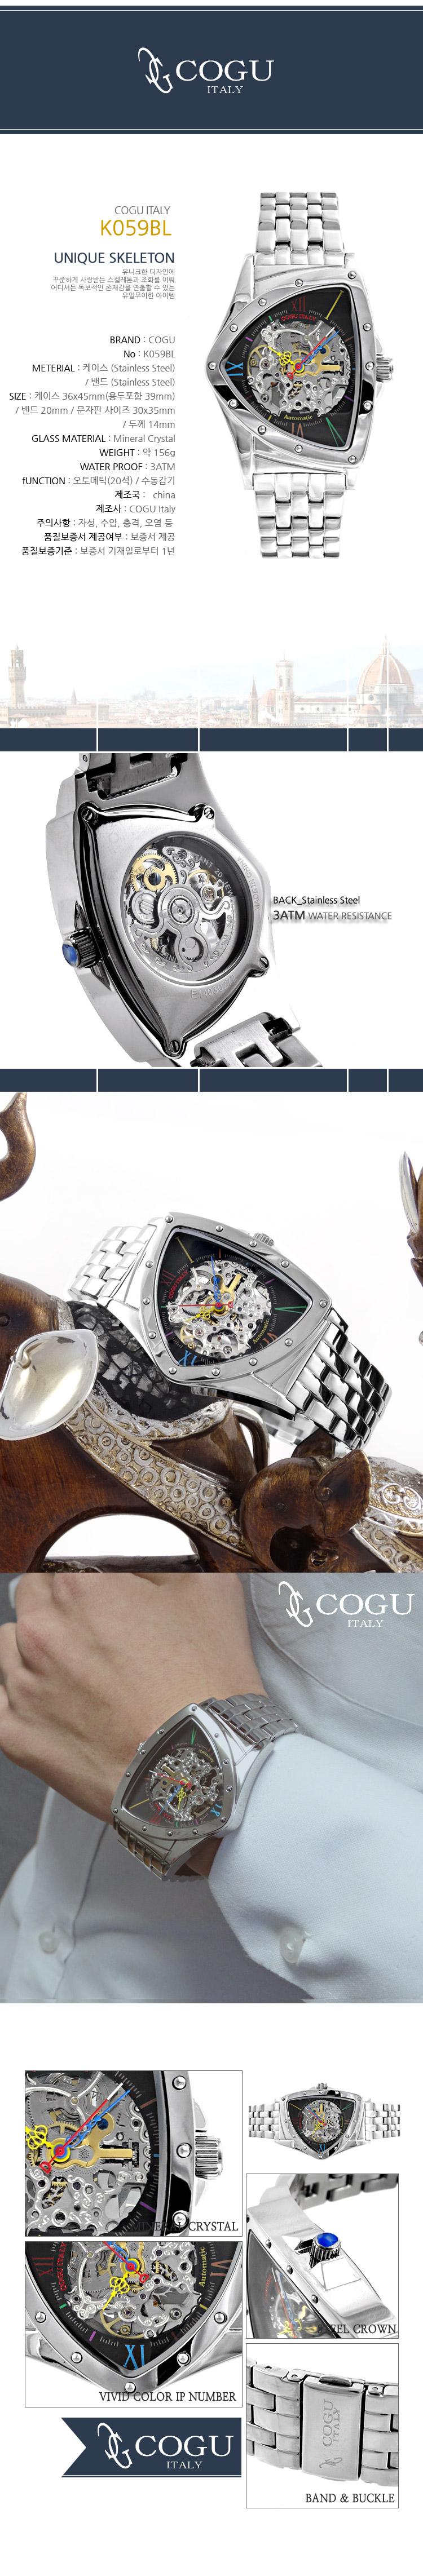 코구(COGU) K059BL 남성 오토매틱 메탈 손목시계